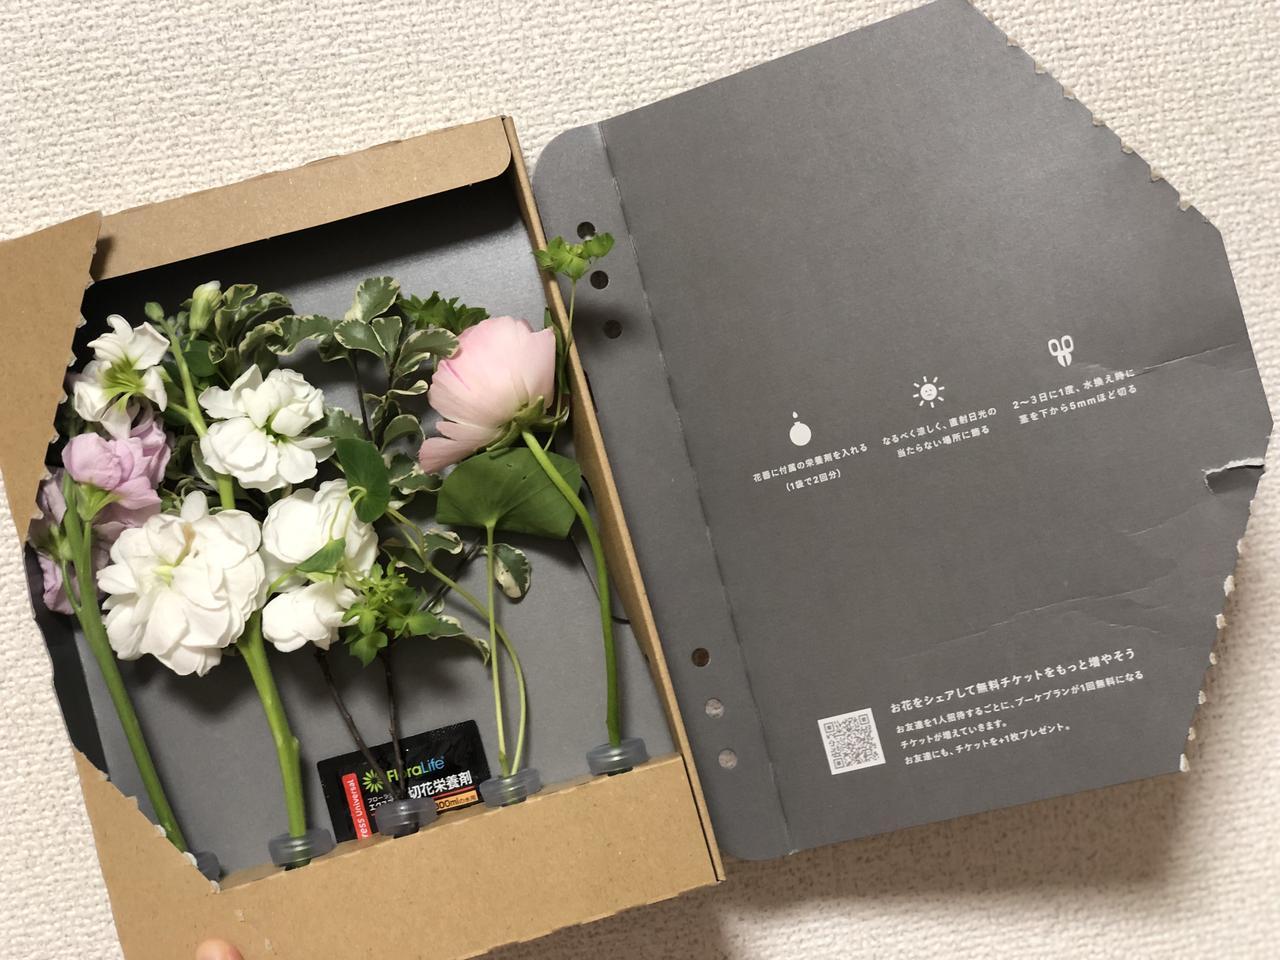 画像2: お花が届いた!不在でも受け取ることができるポスト投函可能なサイズ。